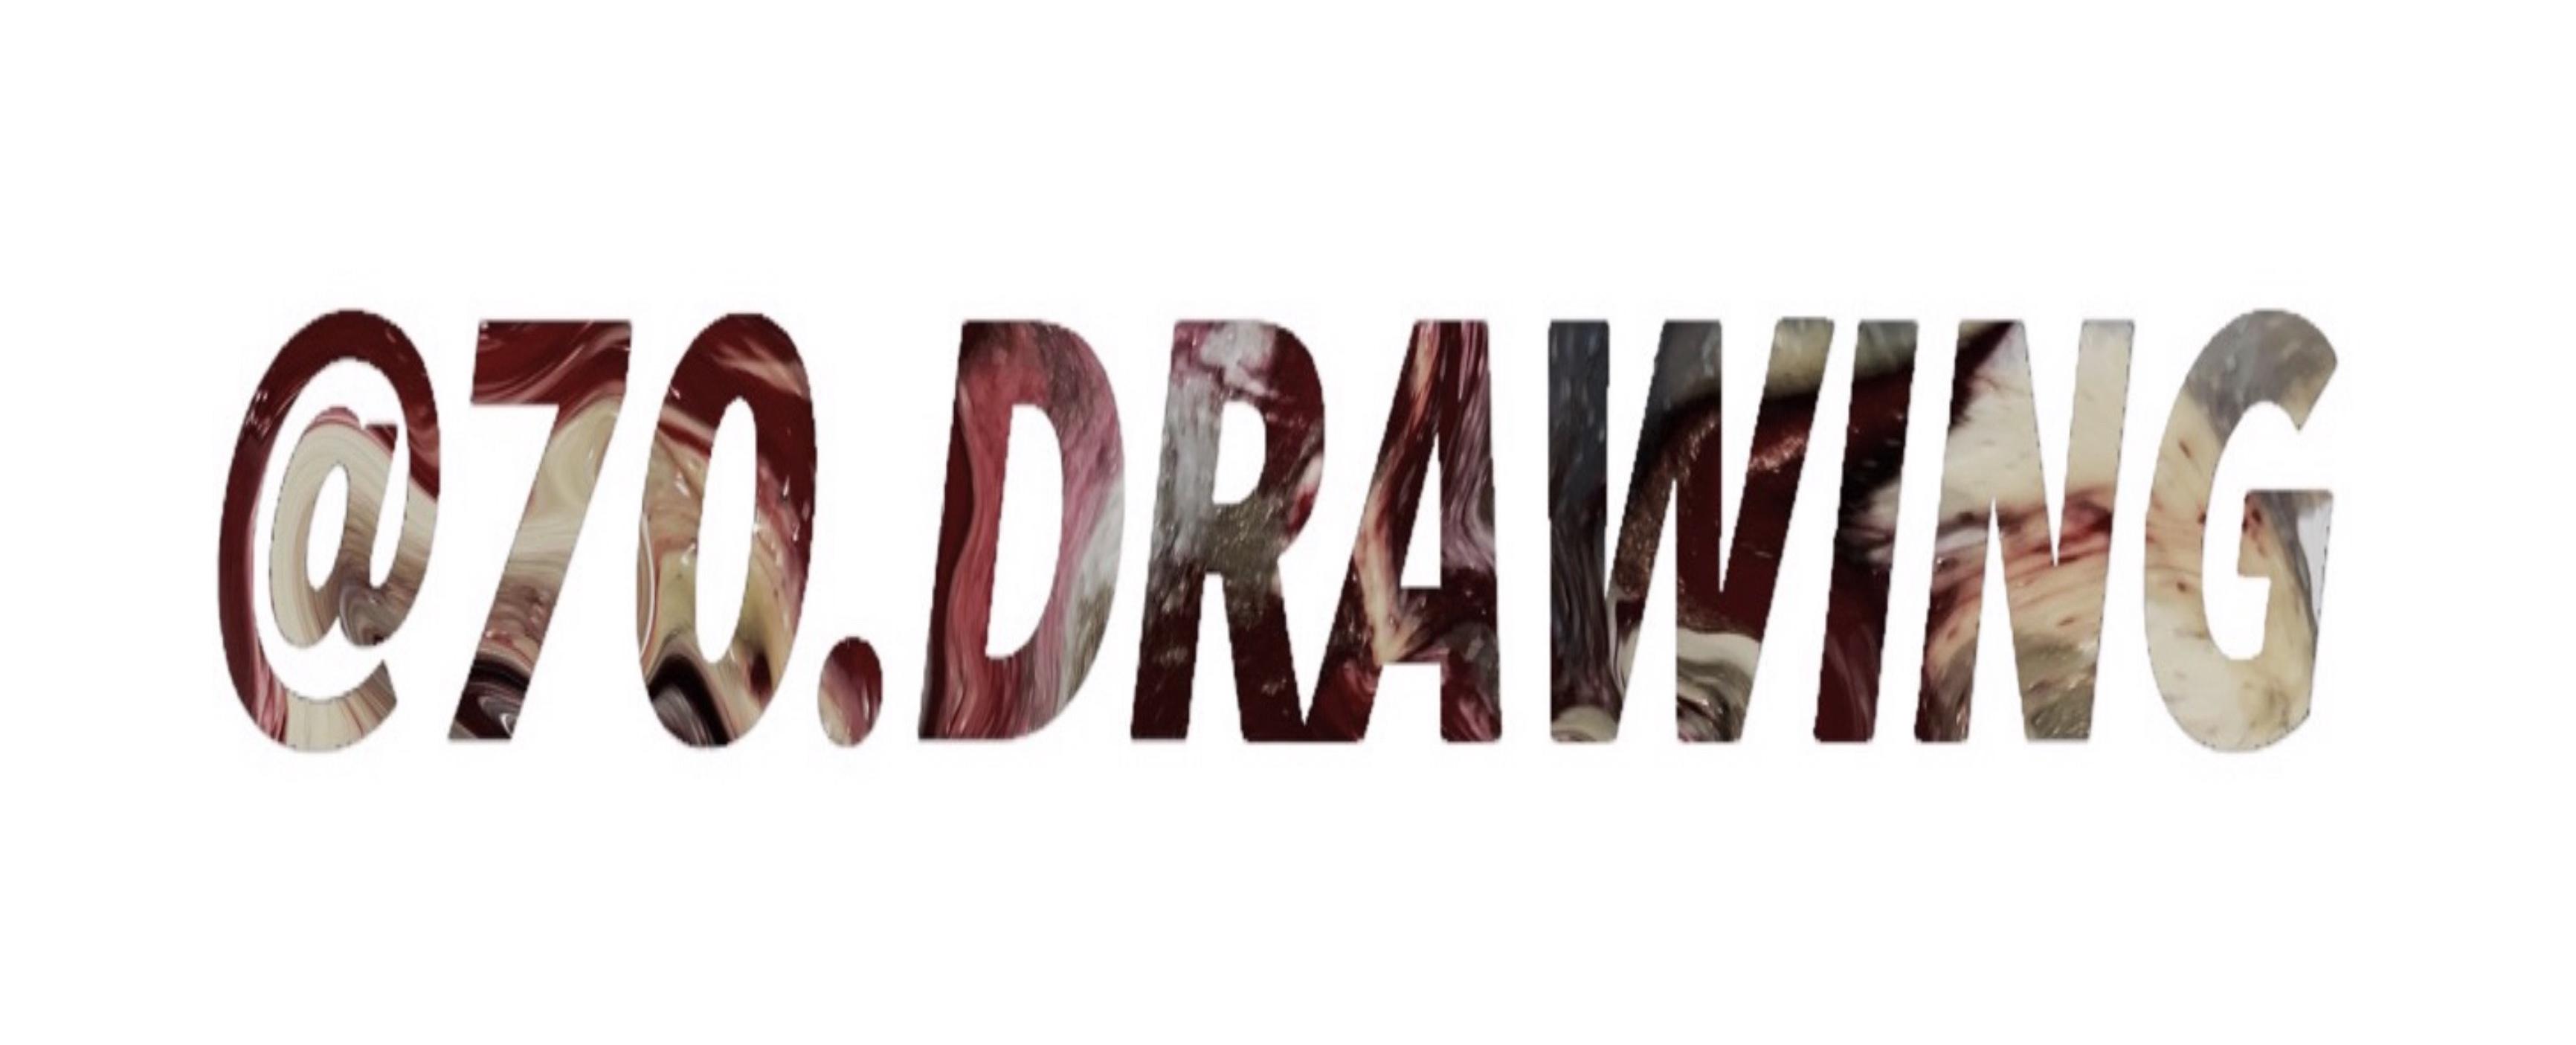 @70.drawing